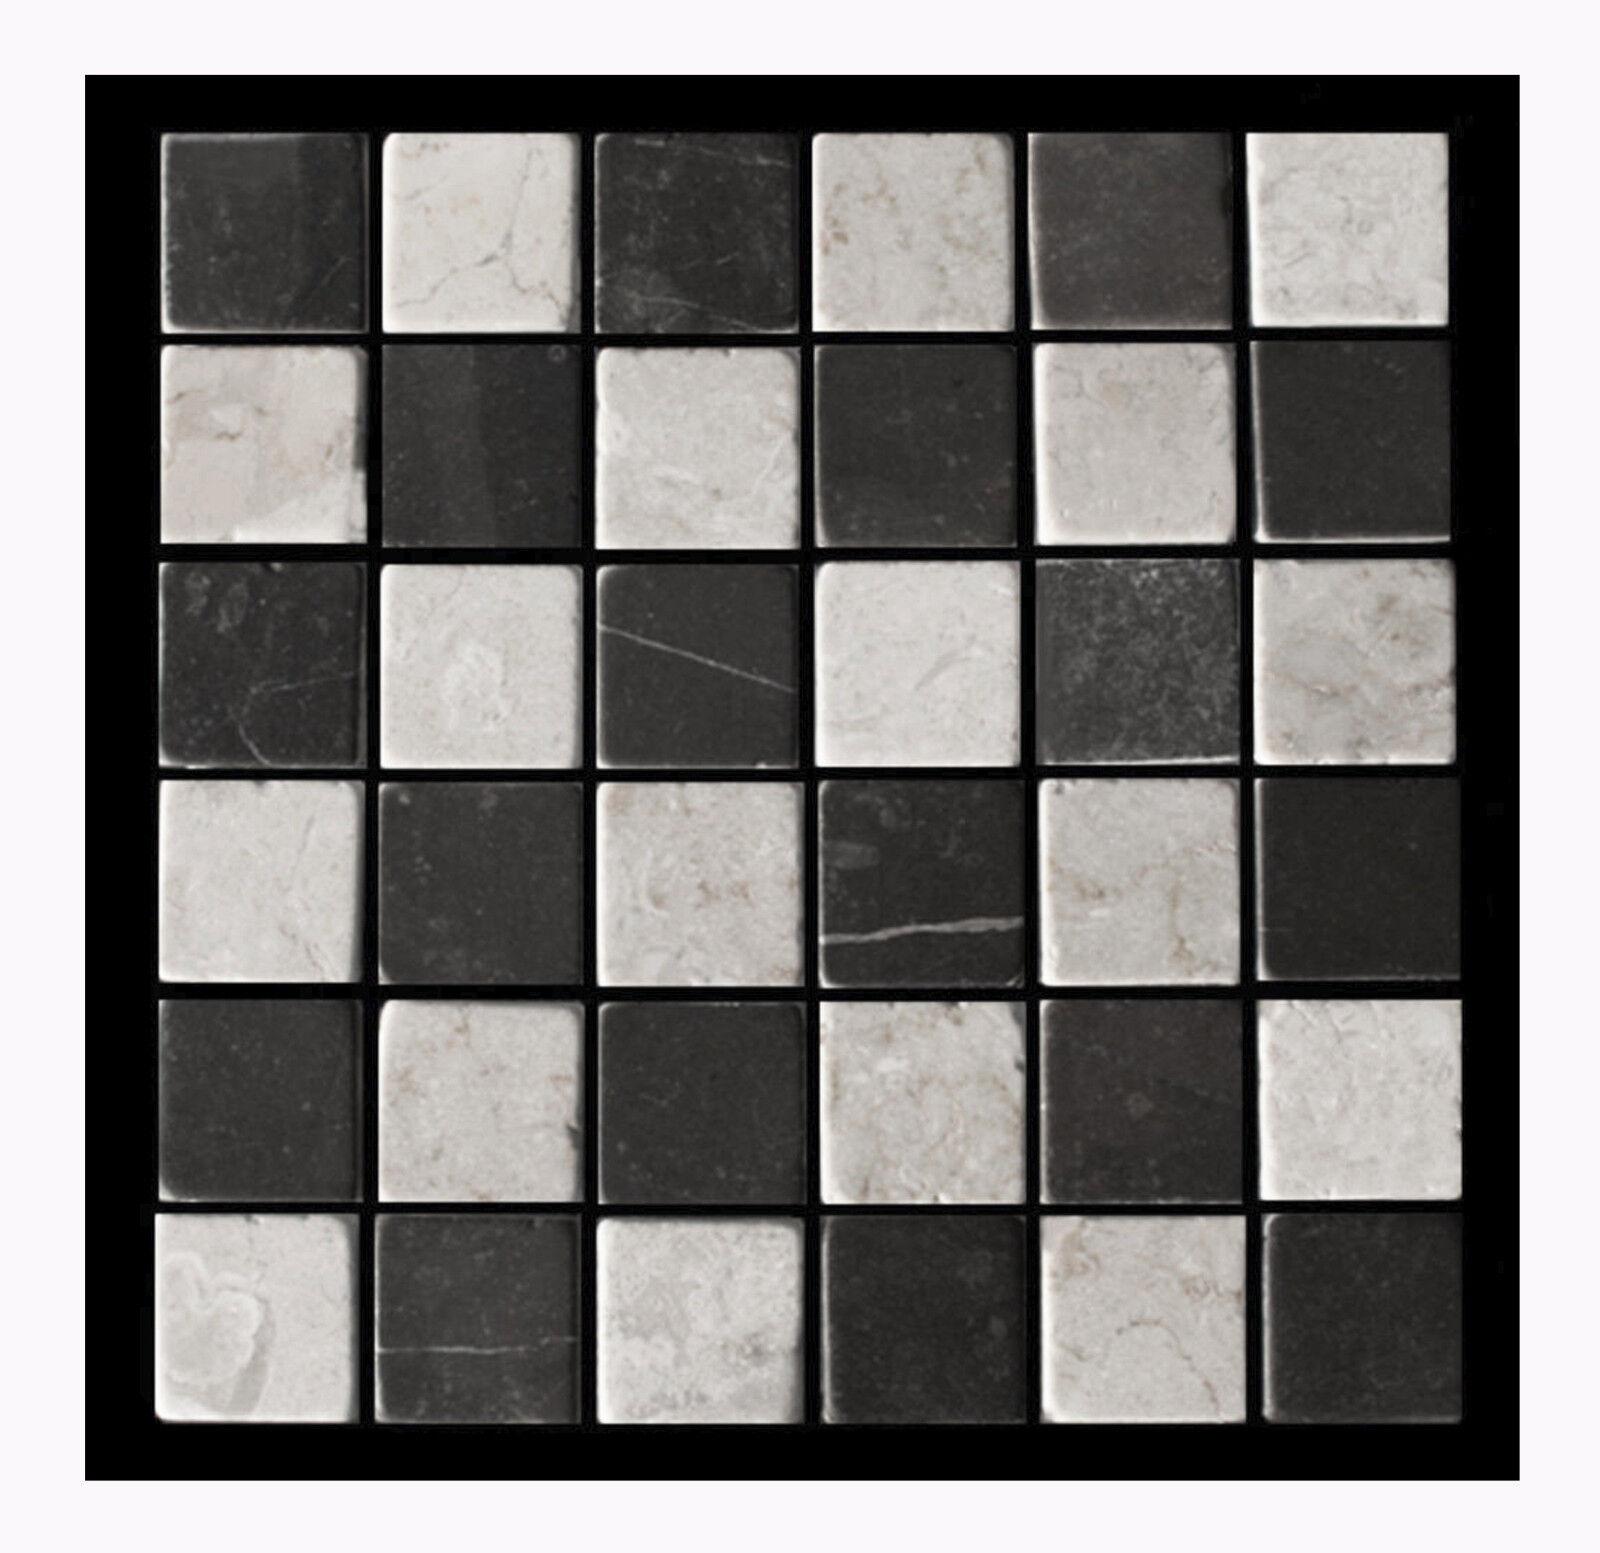 1 qm PA-806 Marmor Mosaikfliesen getrommelt - Fliesen Lager Stein-mosaik Herne -